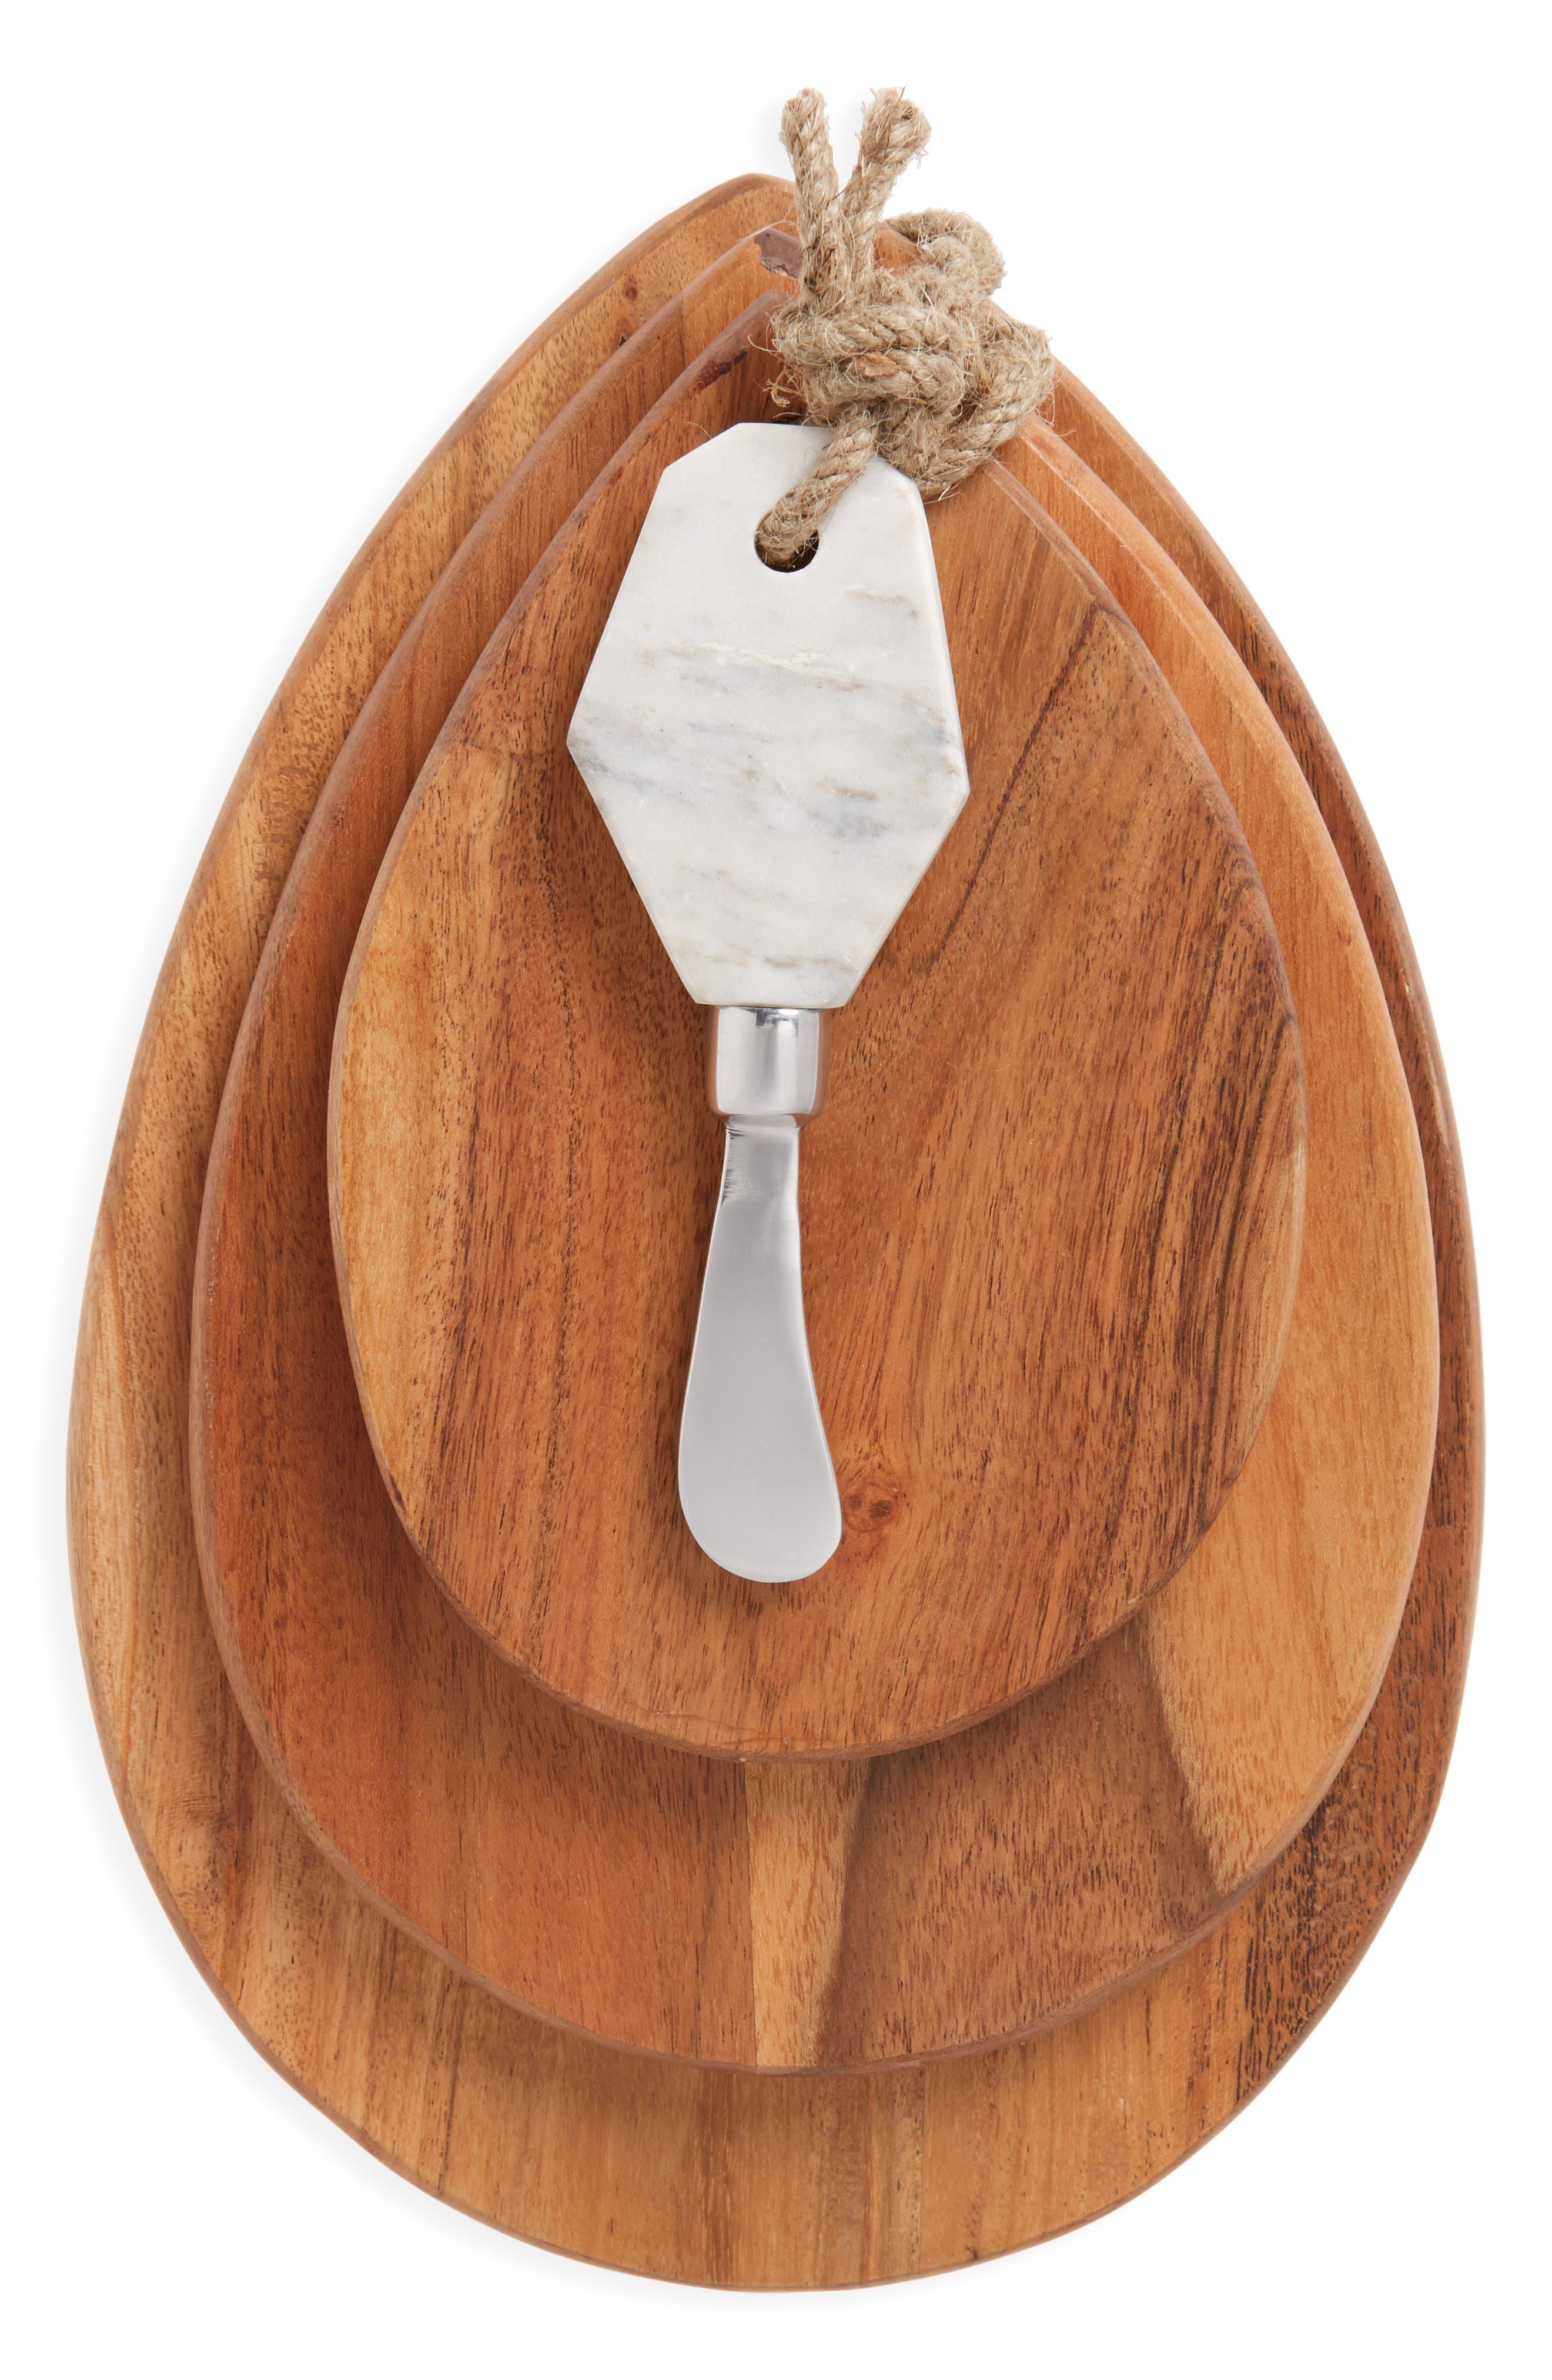 Set of 3 Acacia Wood Cheese Boards & Marble Knife,                             Main thumbnail 1, color,                             200